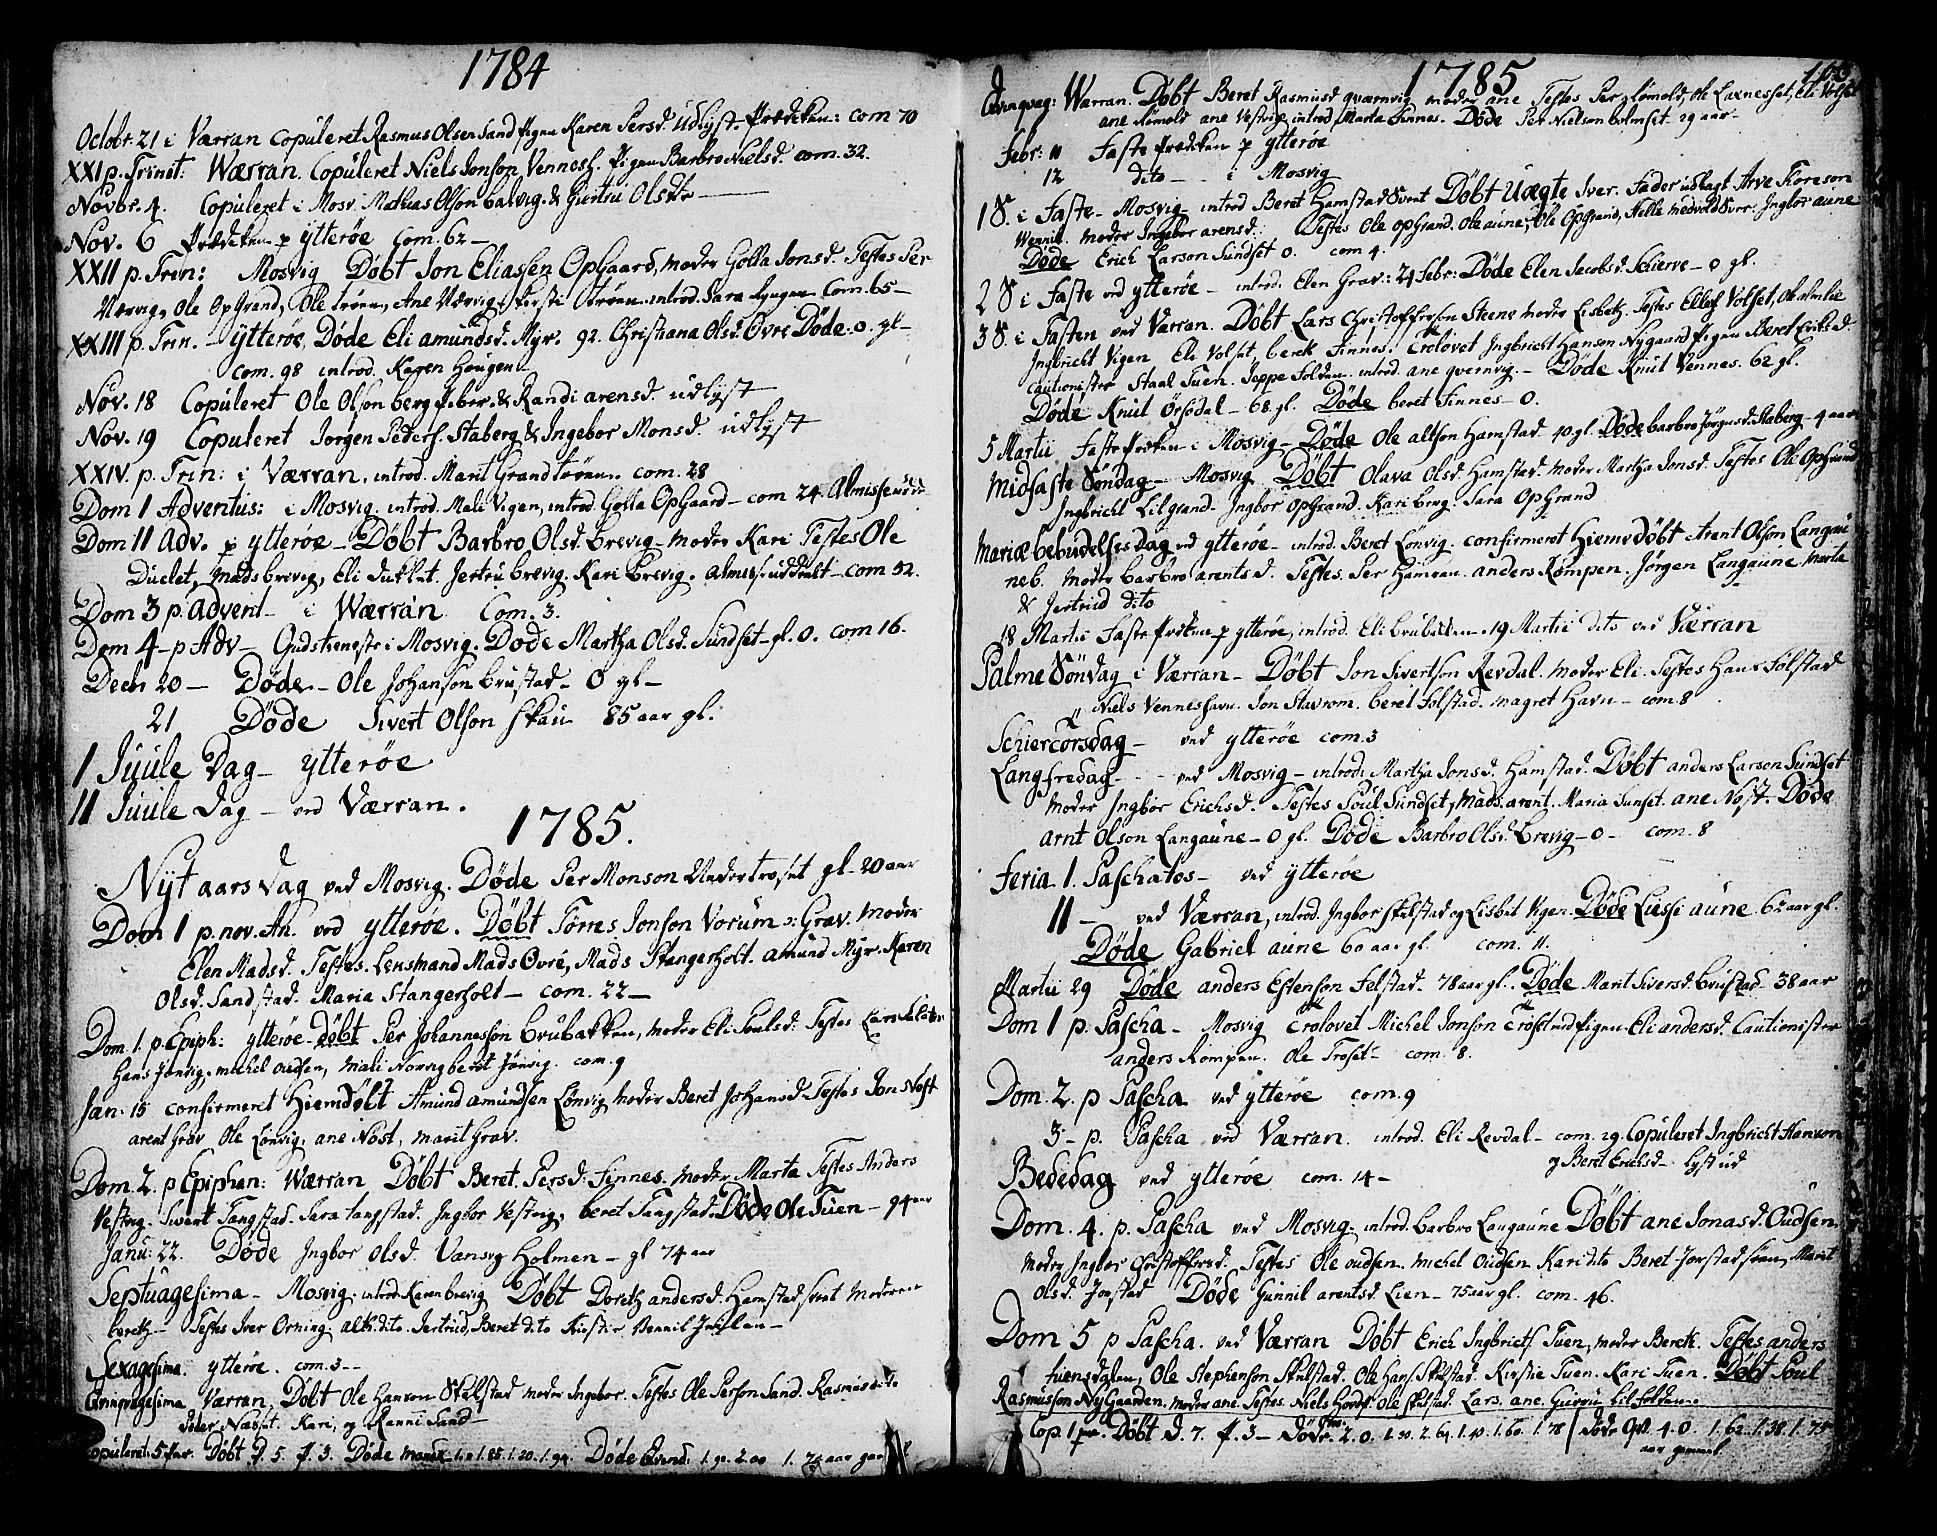 SAT, Ministerialprotokoller, klokkerbøker og fødselsregistre - Nord-Trøndelag, 722/L0216: Ministerialbok nr. 722A03, 1756-1816, s. 103